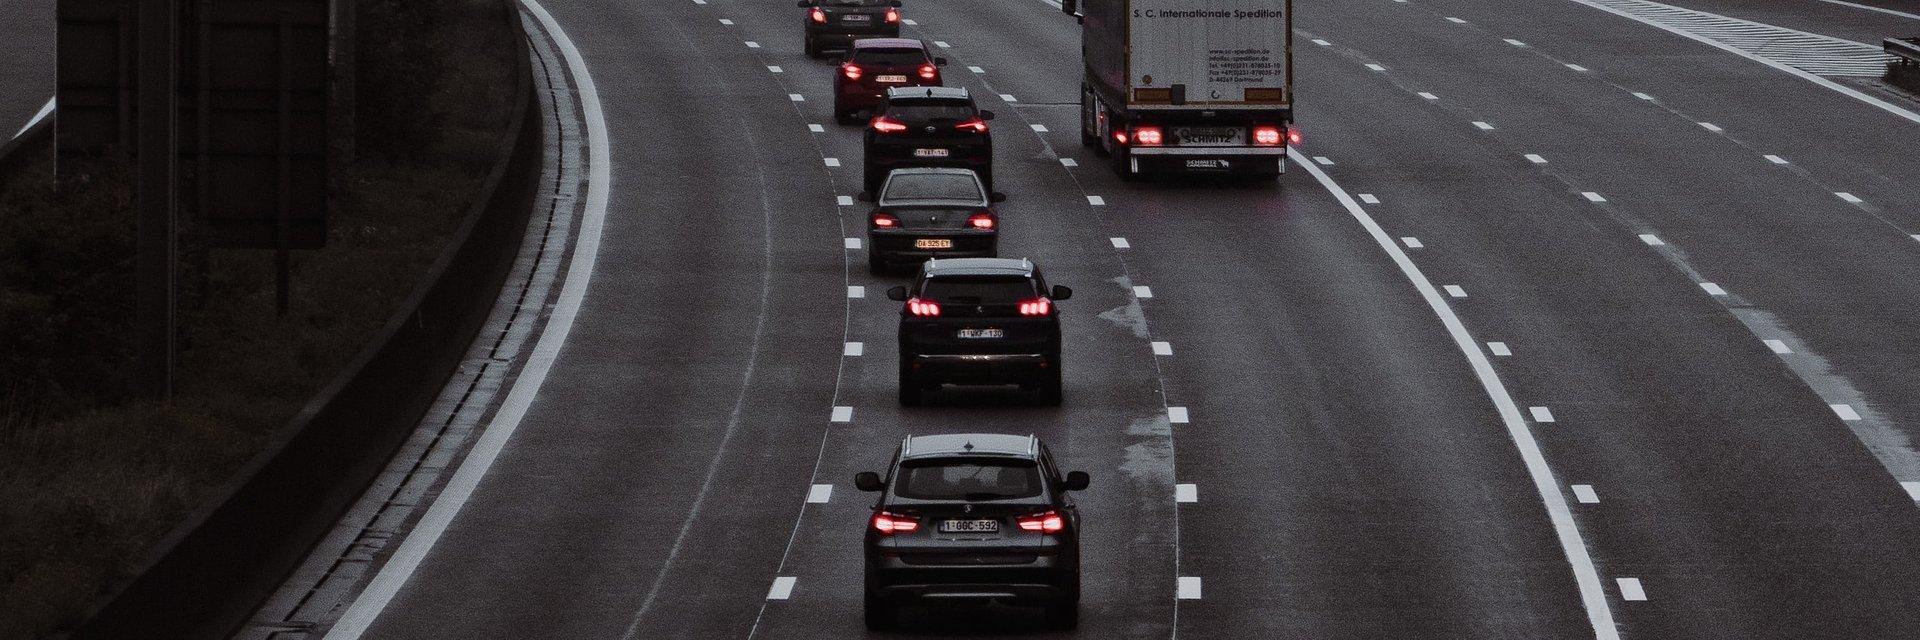 Czym kuszą nas inteligentne samochody?